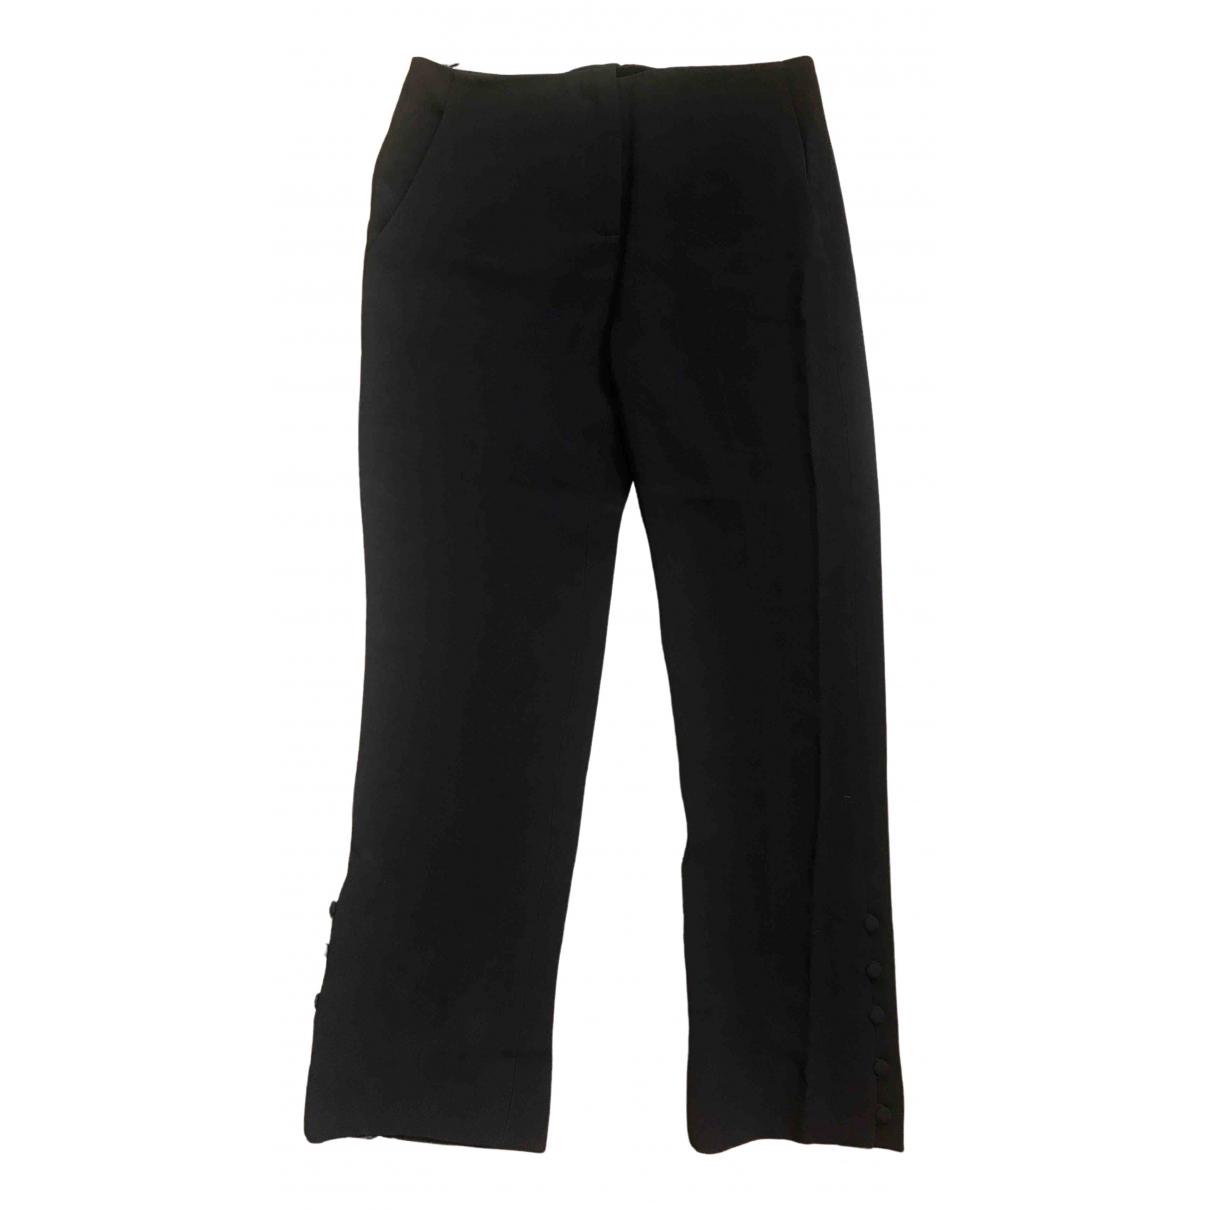 Miu Miu \N Navy Trousers for Women 36 IT